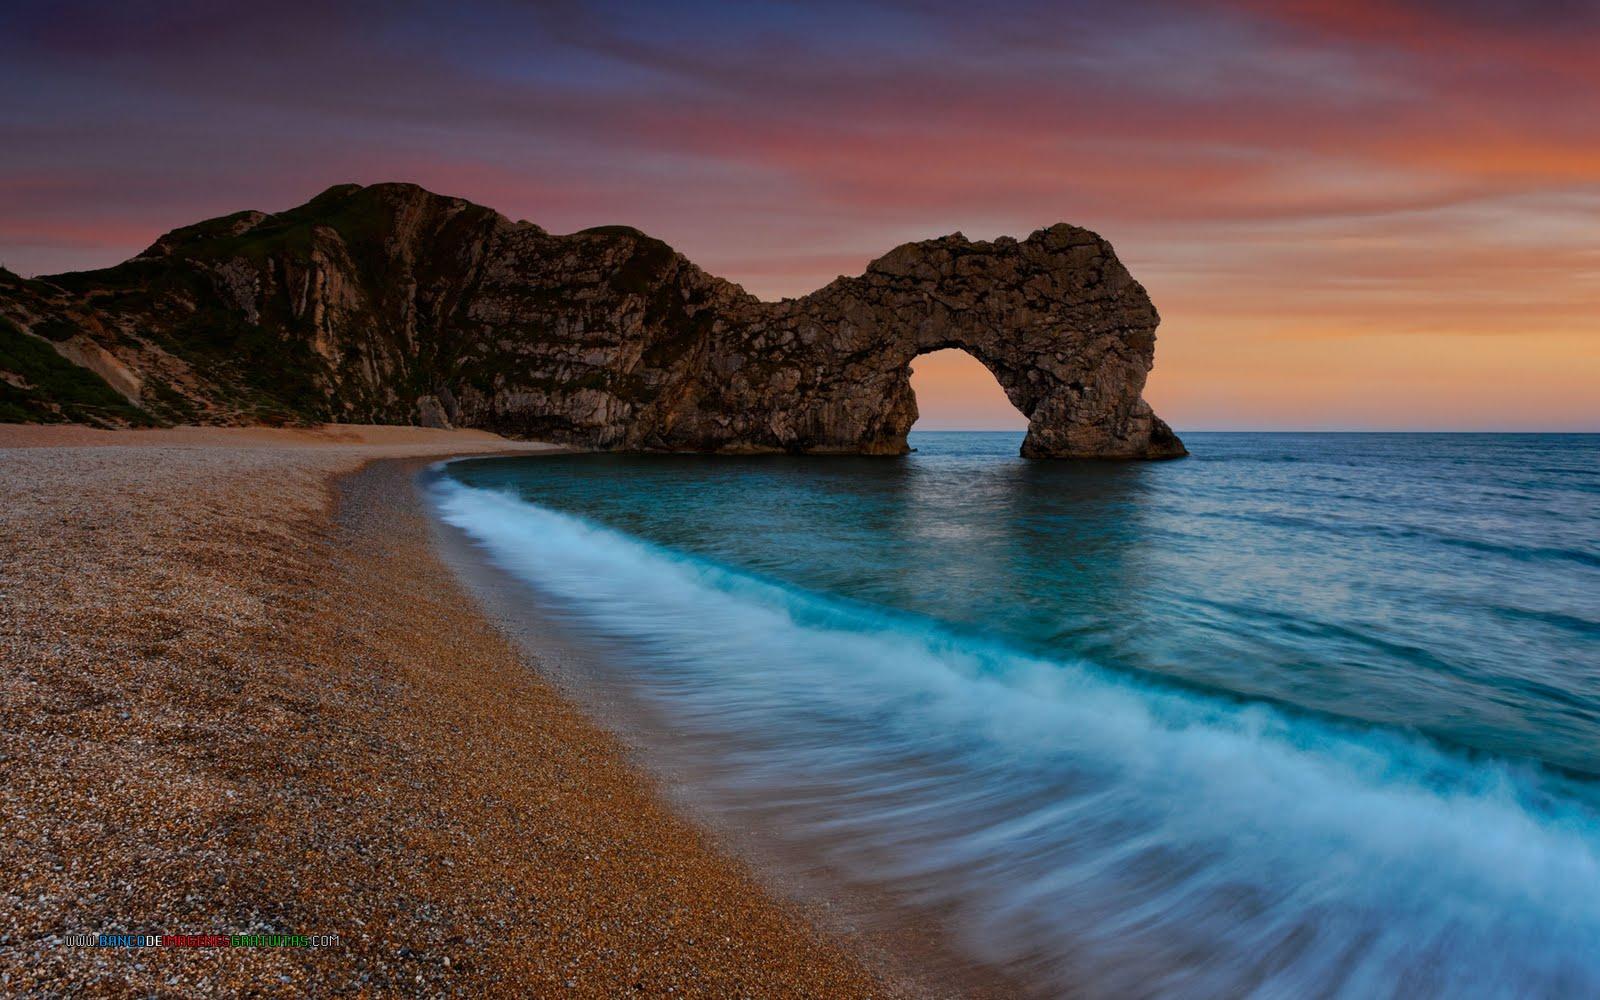 El Baño Mas Hermoso Del Mundo: Imágenes Gratis: Los paisajes más hermosos del mundo II (10 fotos